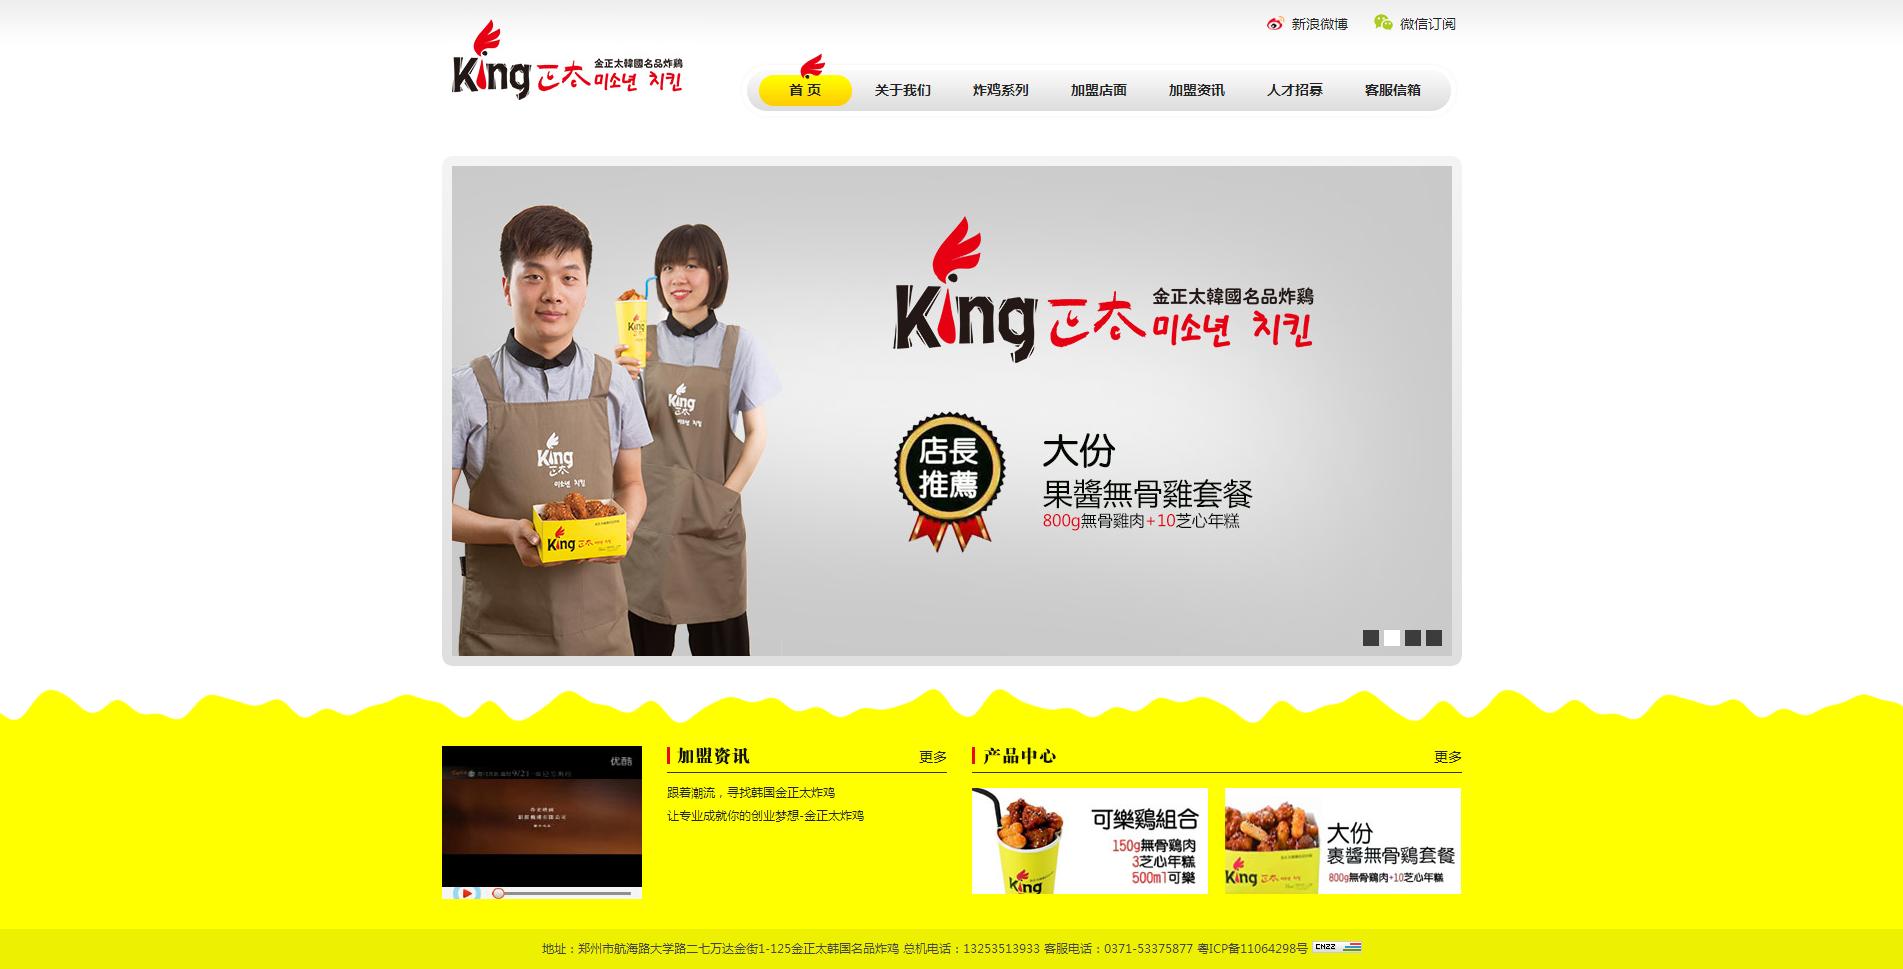 金正太佳肴家餐饮管理有限公司亿博国际网址建设上线